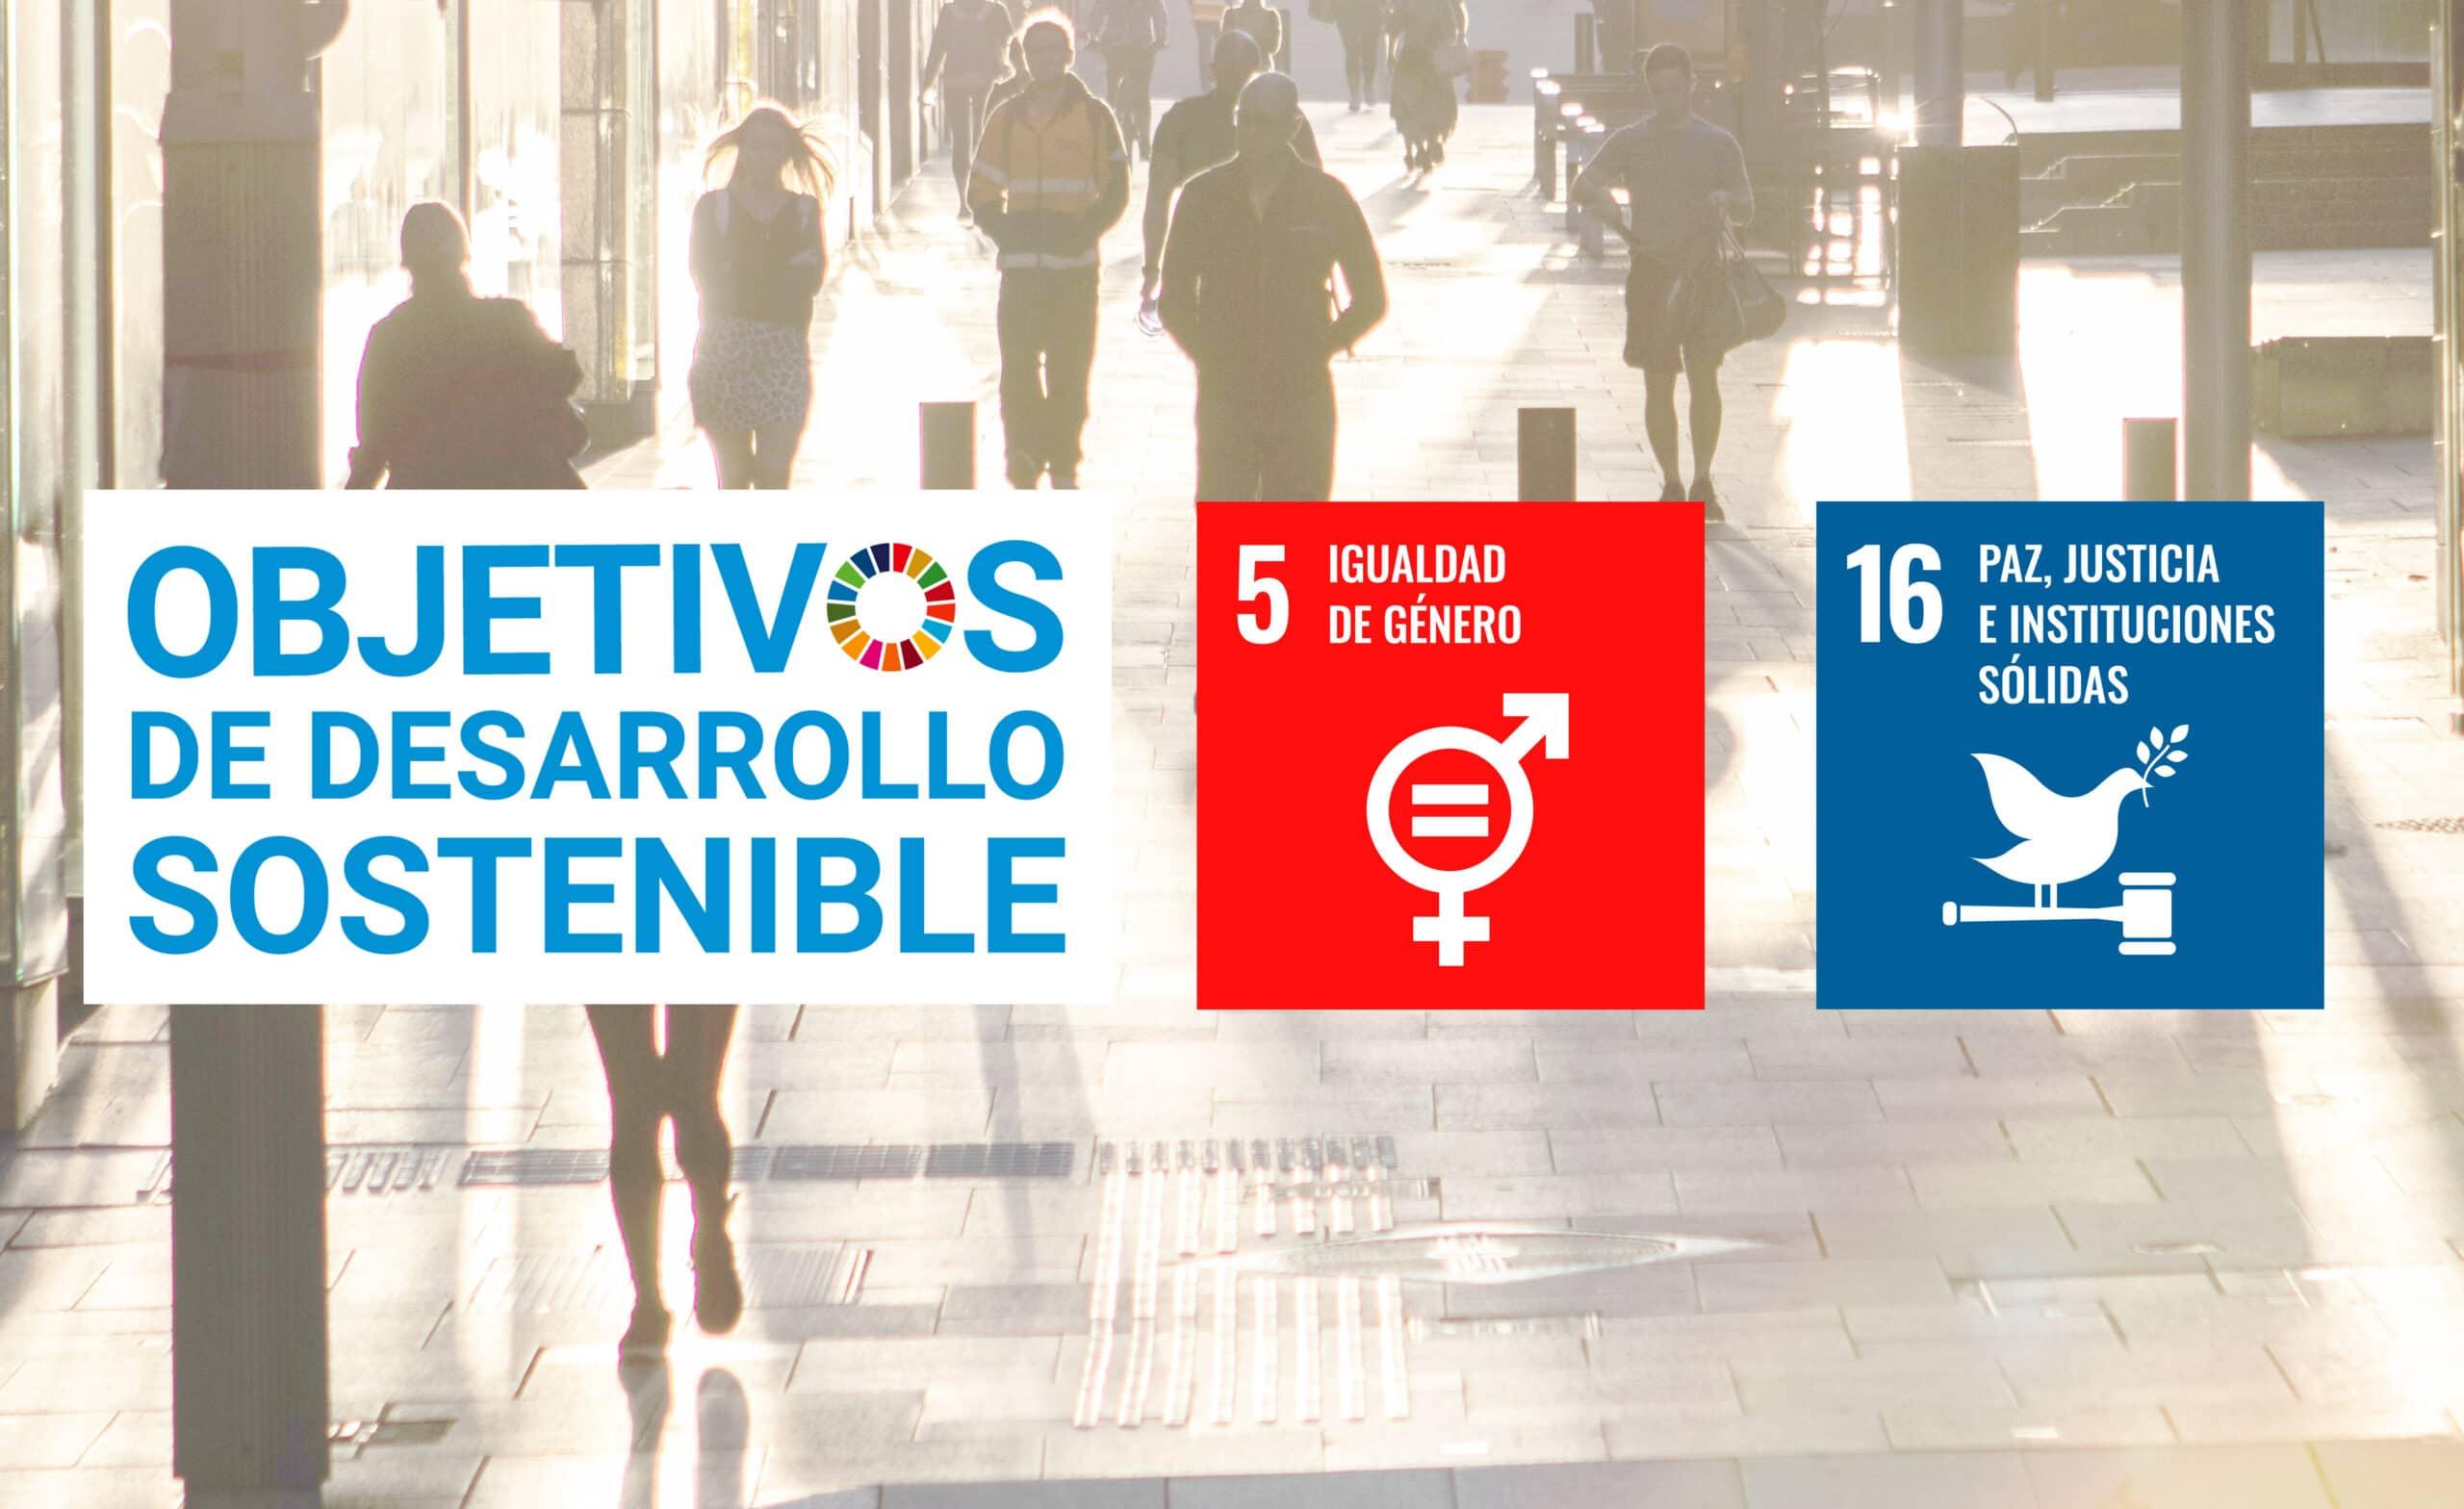 Abella Legal - Objetivos Desarrollo Sostenible